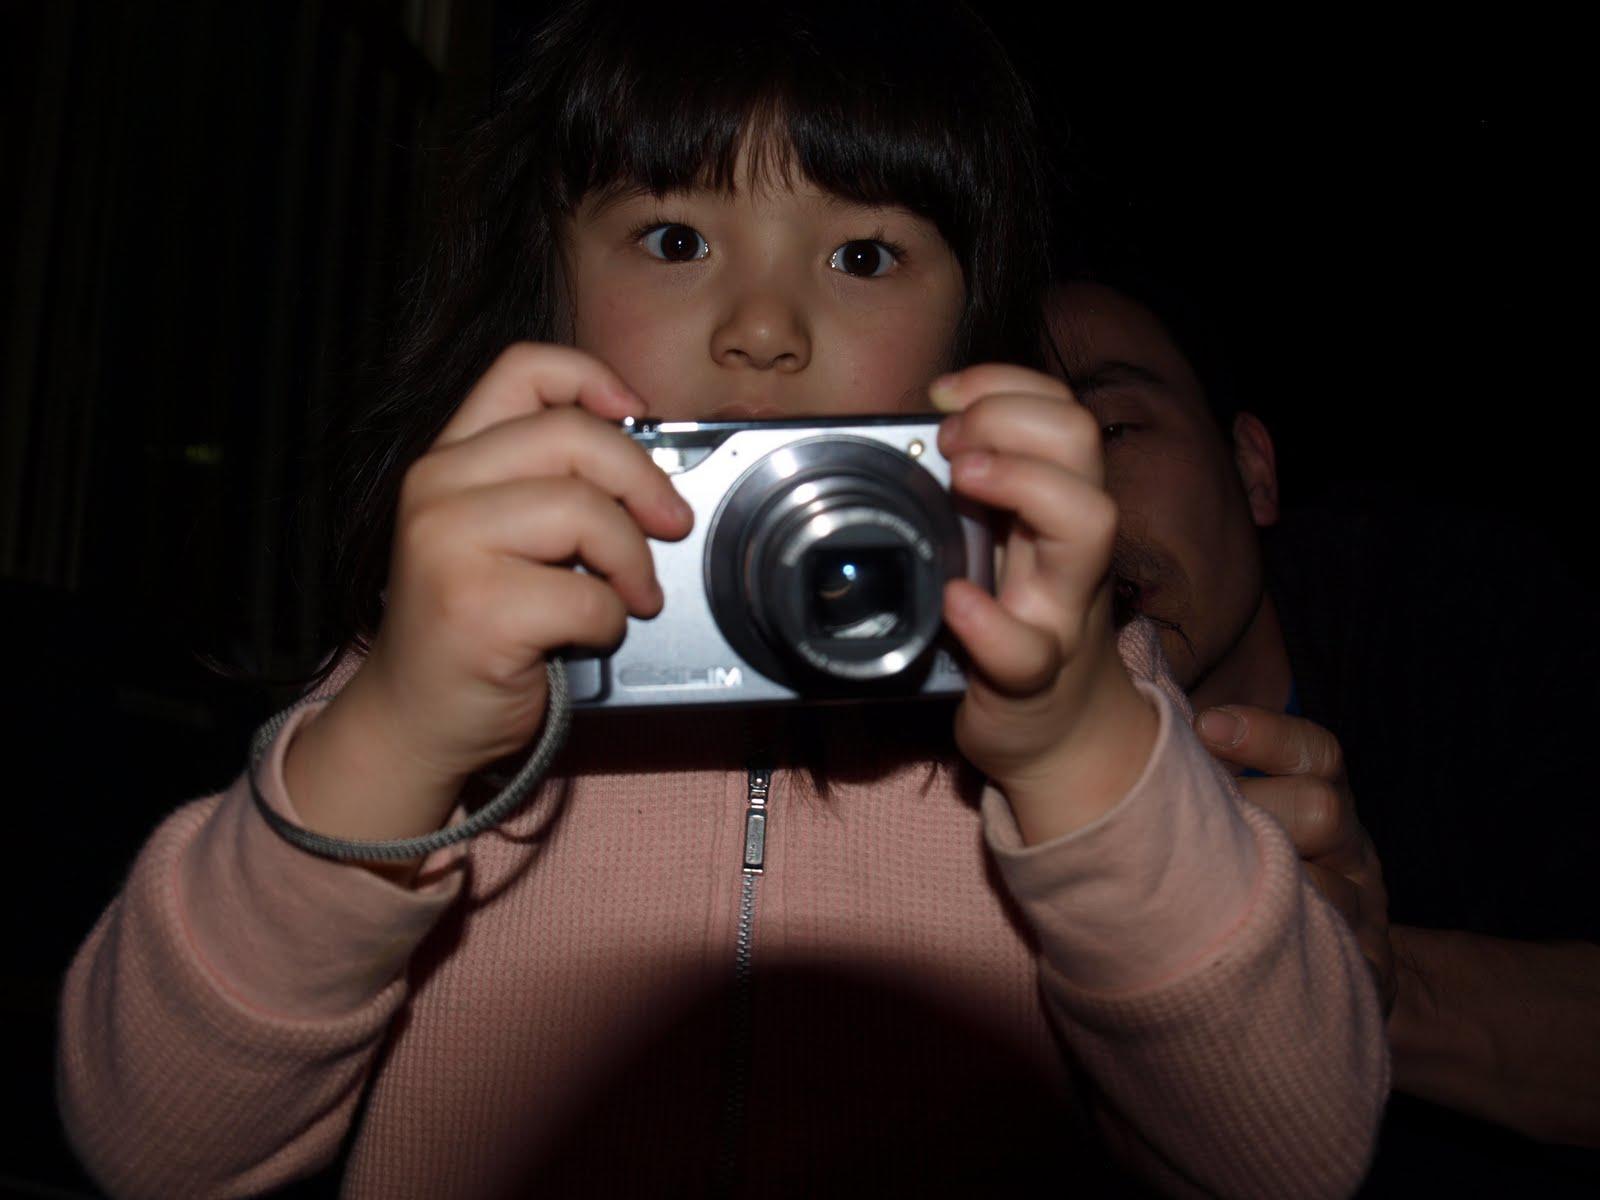 【こども】ロリコンさんいらっしゃい52【大好き】YouTube動画>5本 ニコニコ動画>1本 ->画像>539枚